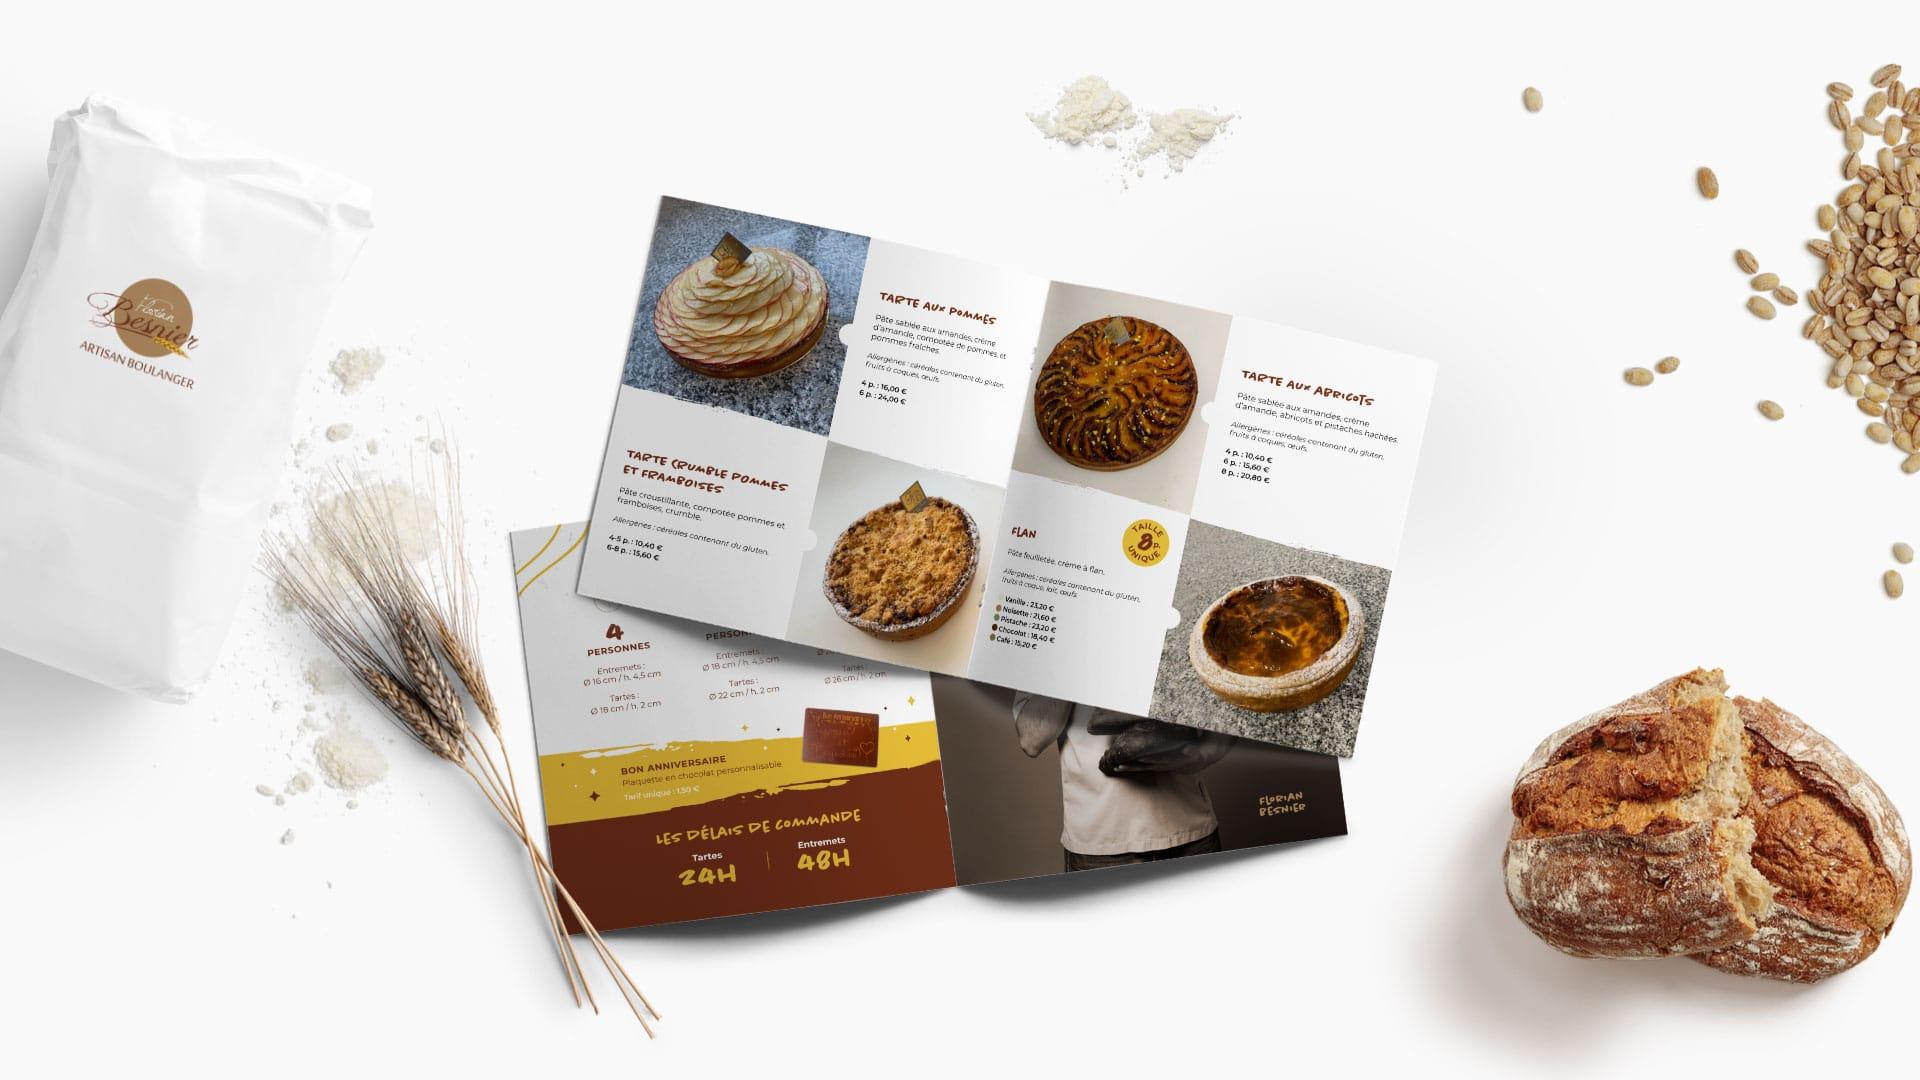 Mise en scène, avec des éléments typiques de la boulangerie, de la carte de printemps 2021 ouverte avec gâteaux et tartes